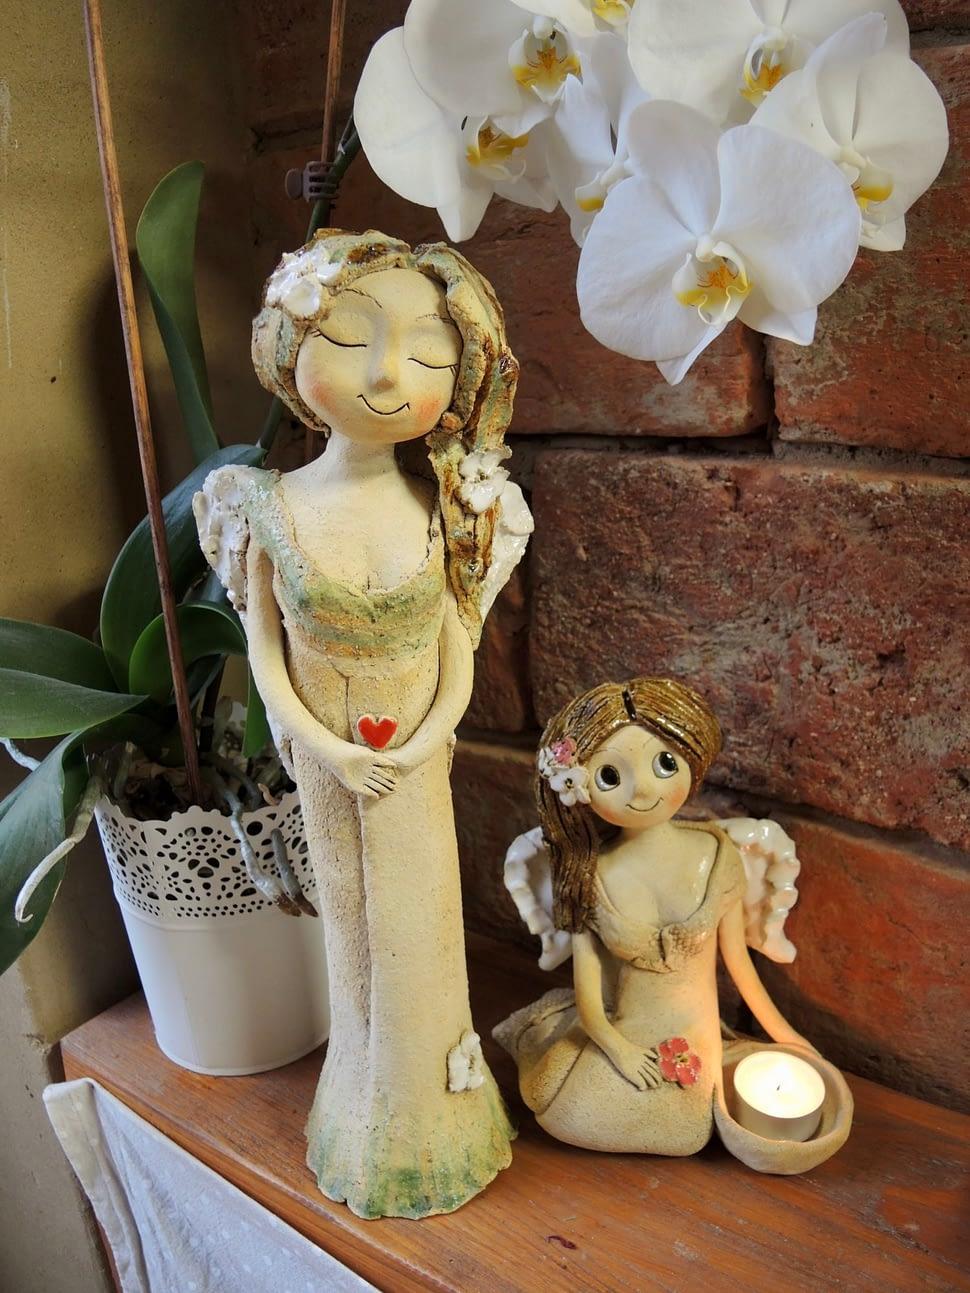 lesni andělka anděl dívka figuta dekorace zasněná květina srdce keramika andee